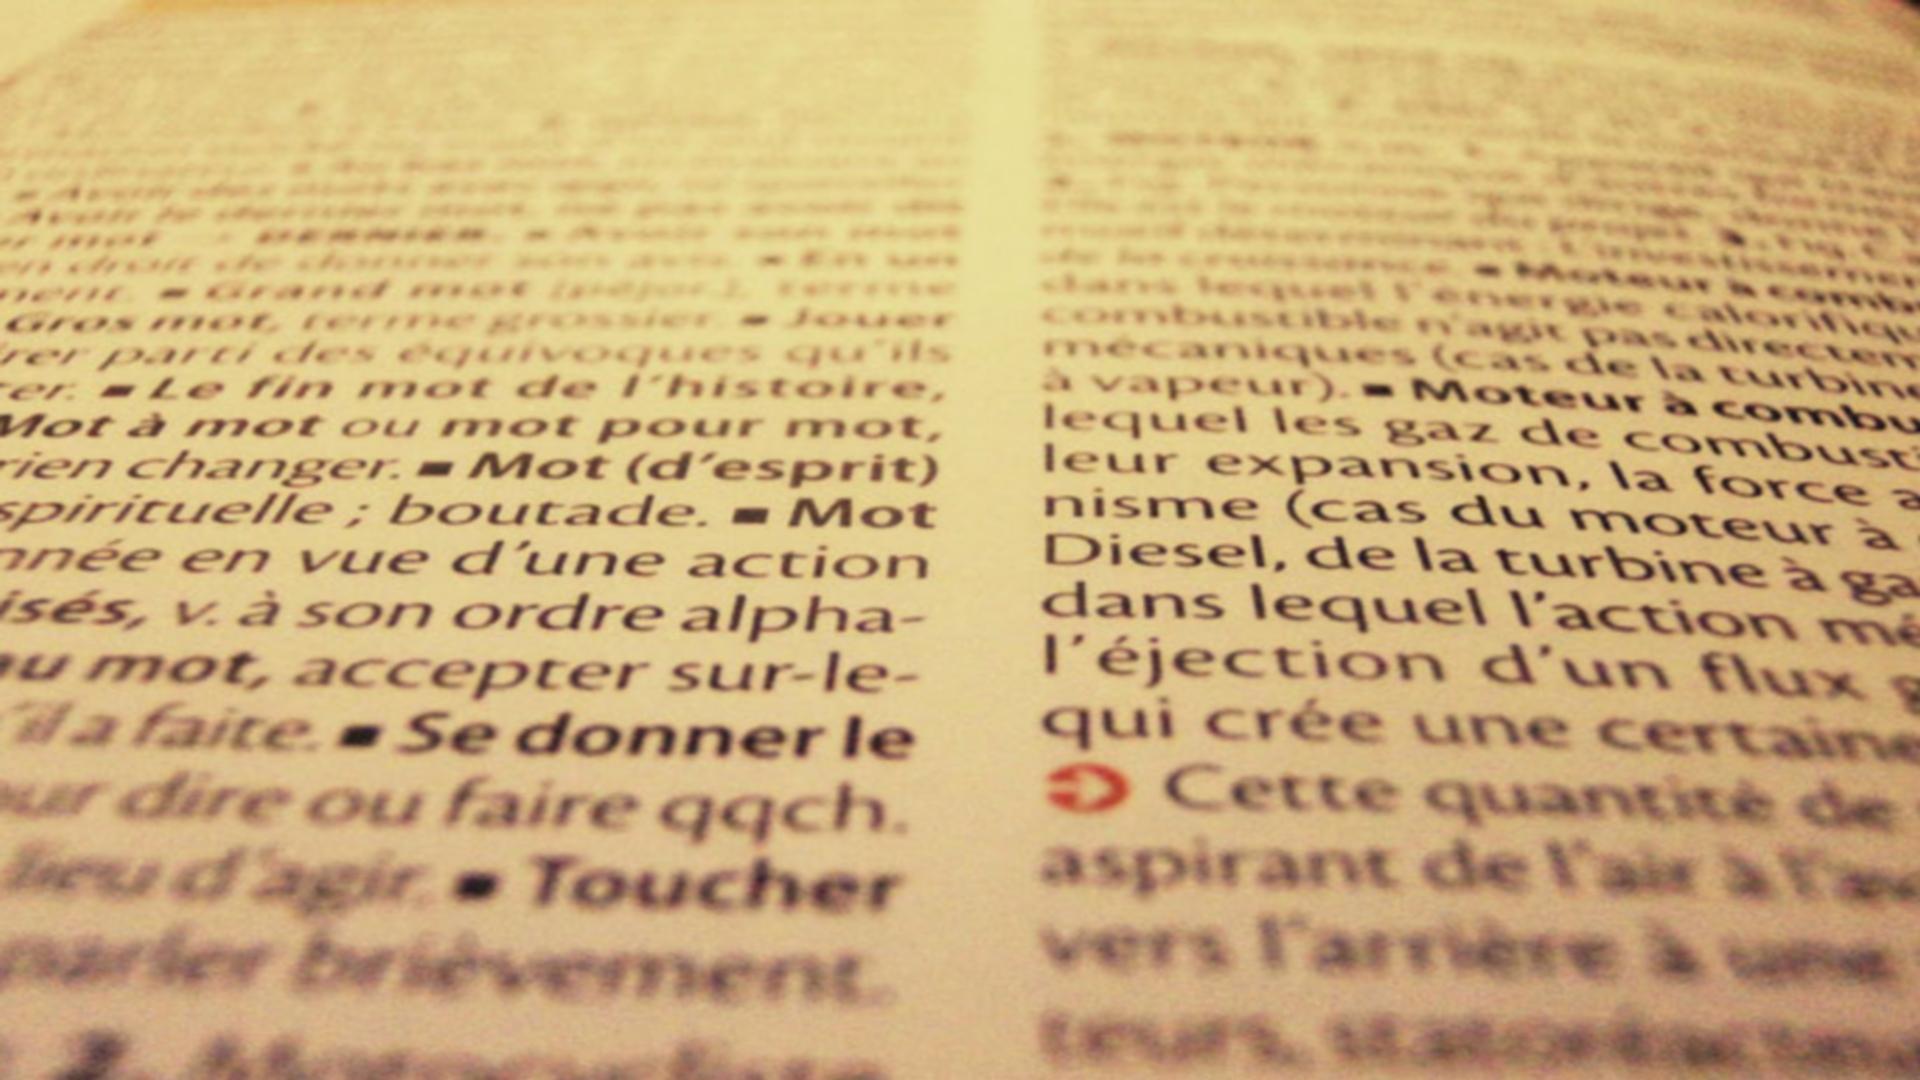 Le dictionnaire des mots oubliés #3